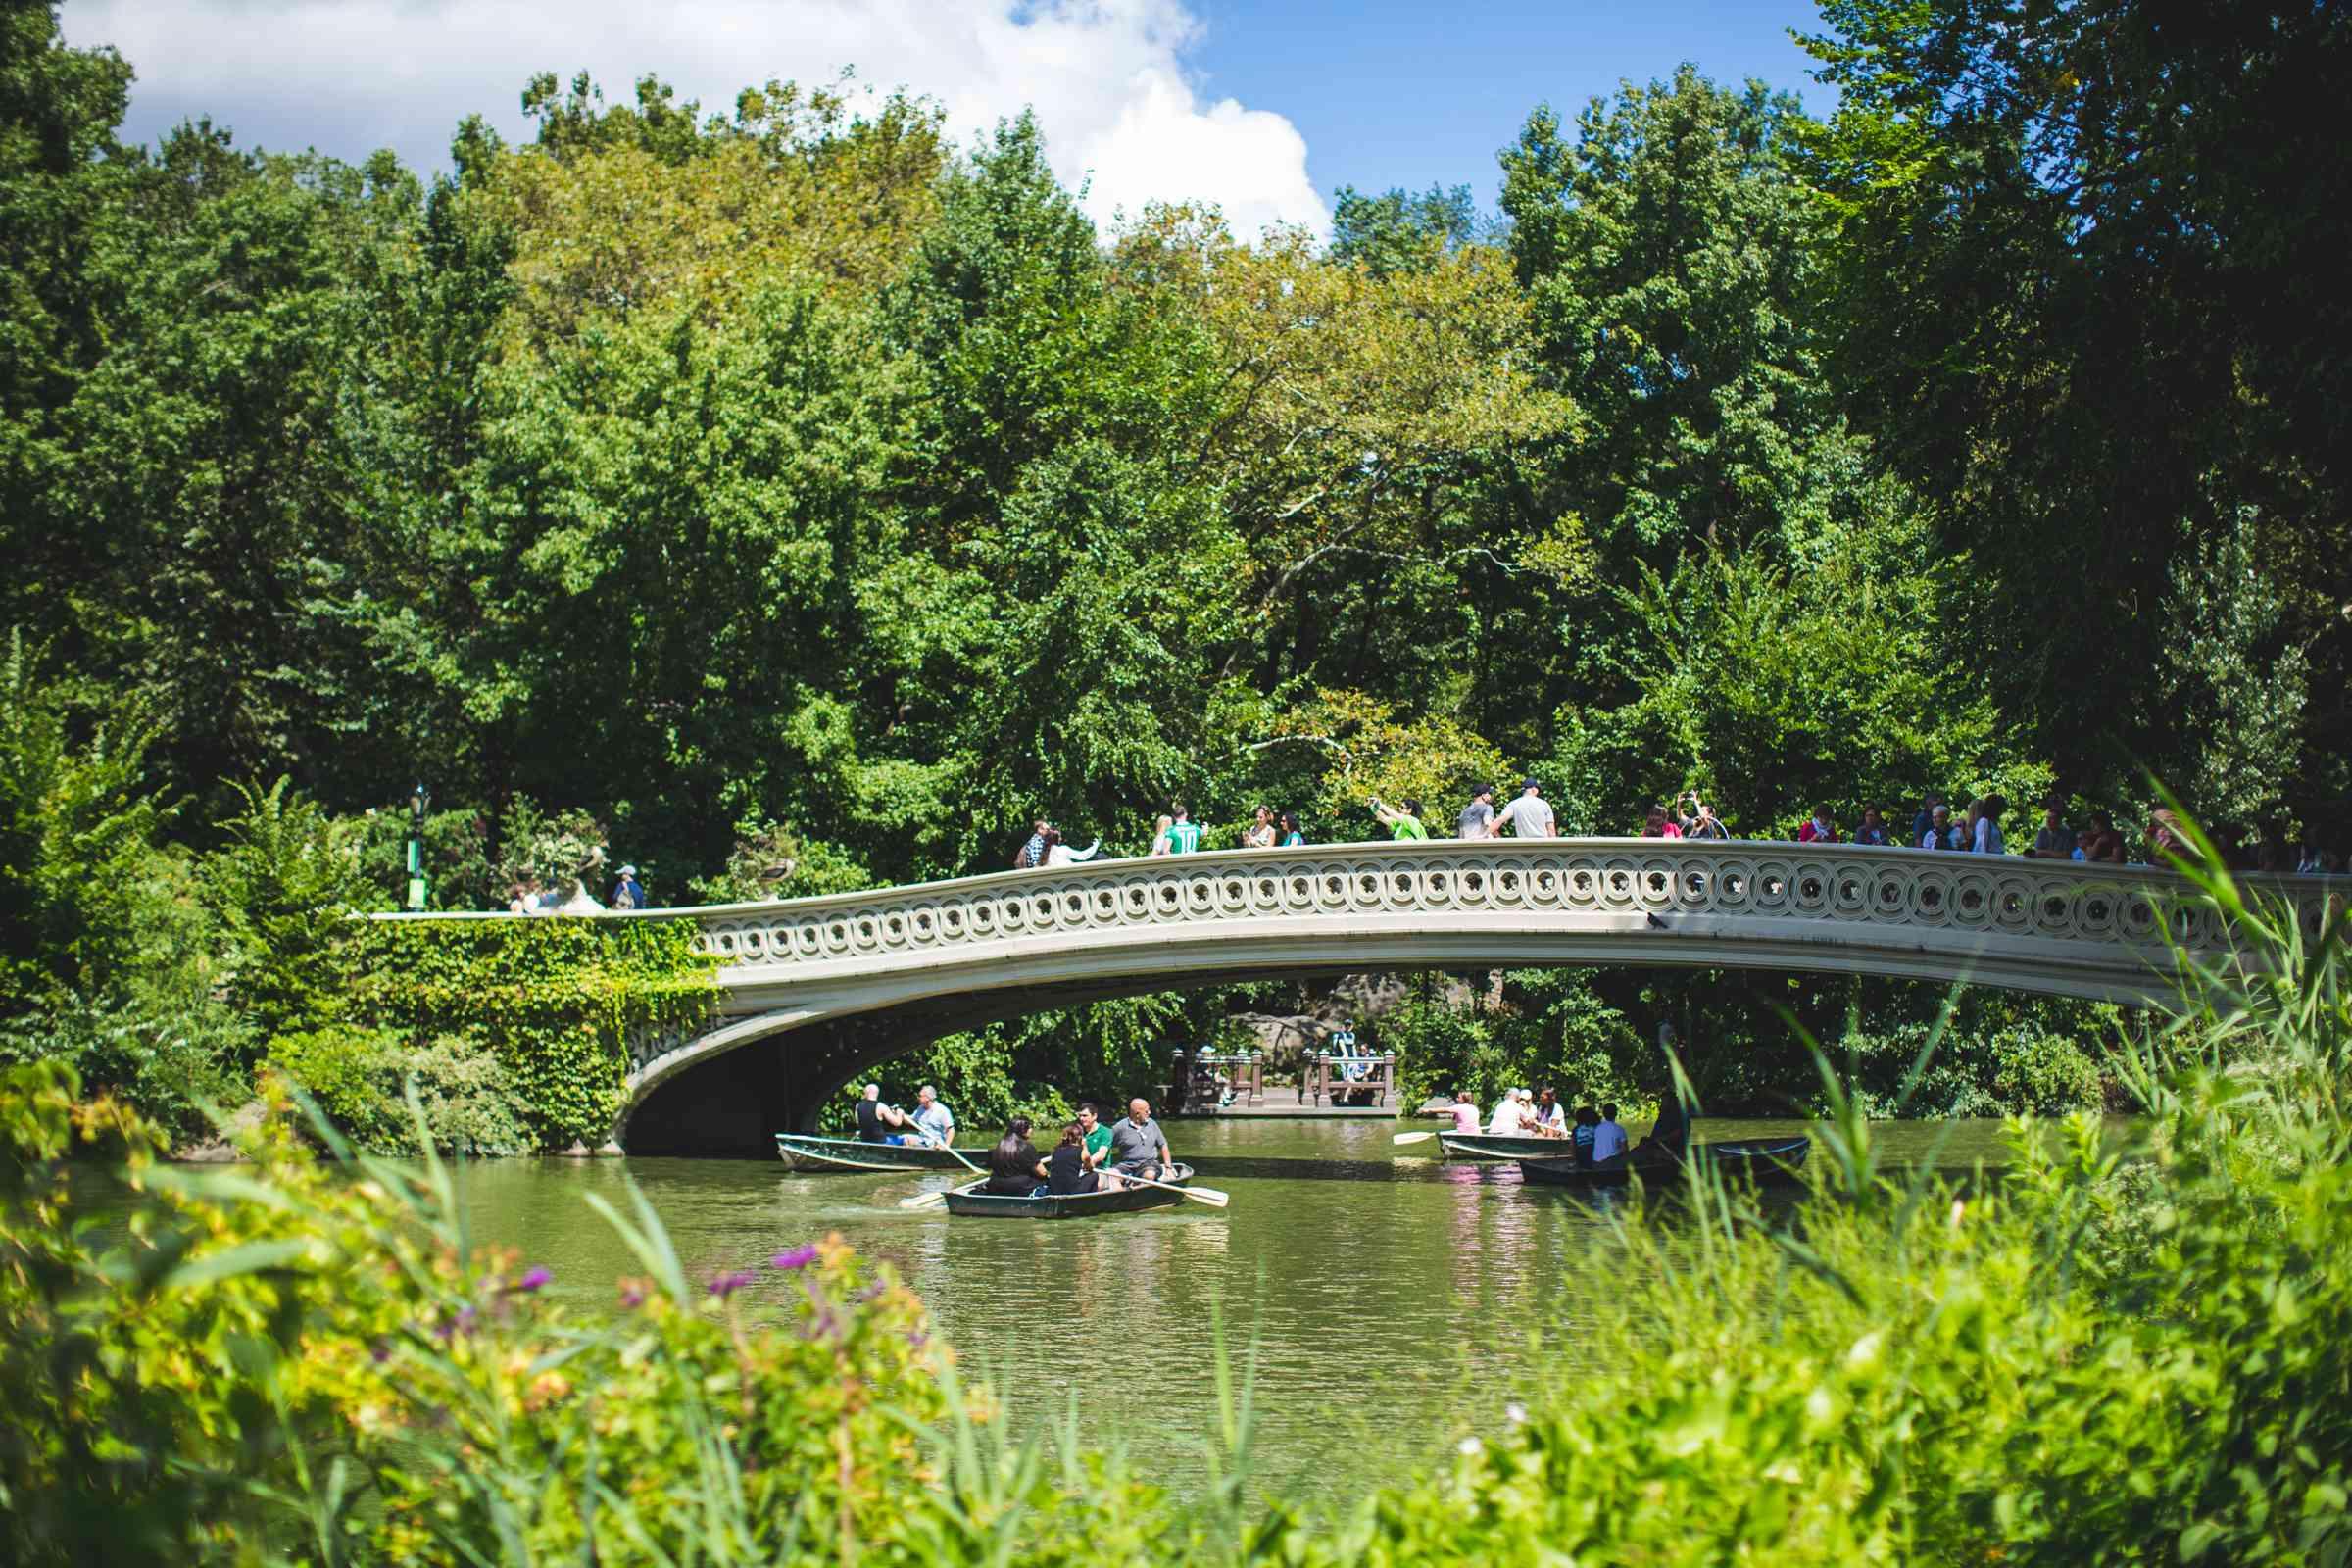 Central Park, New York City, NY